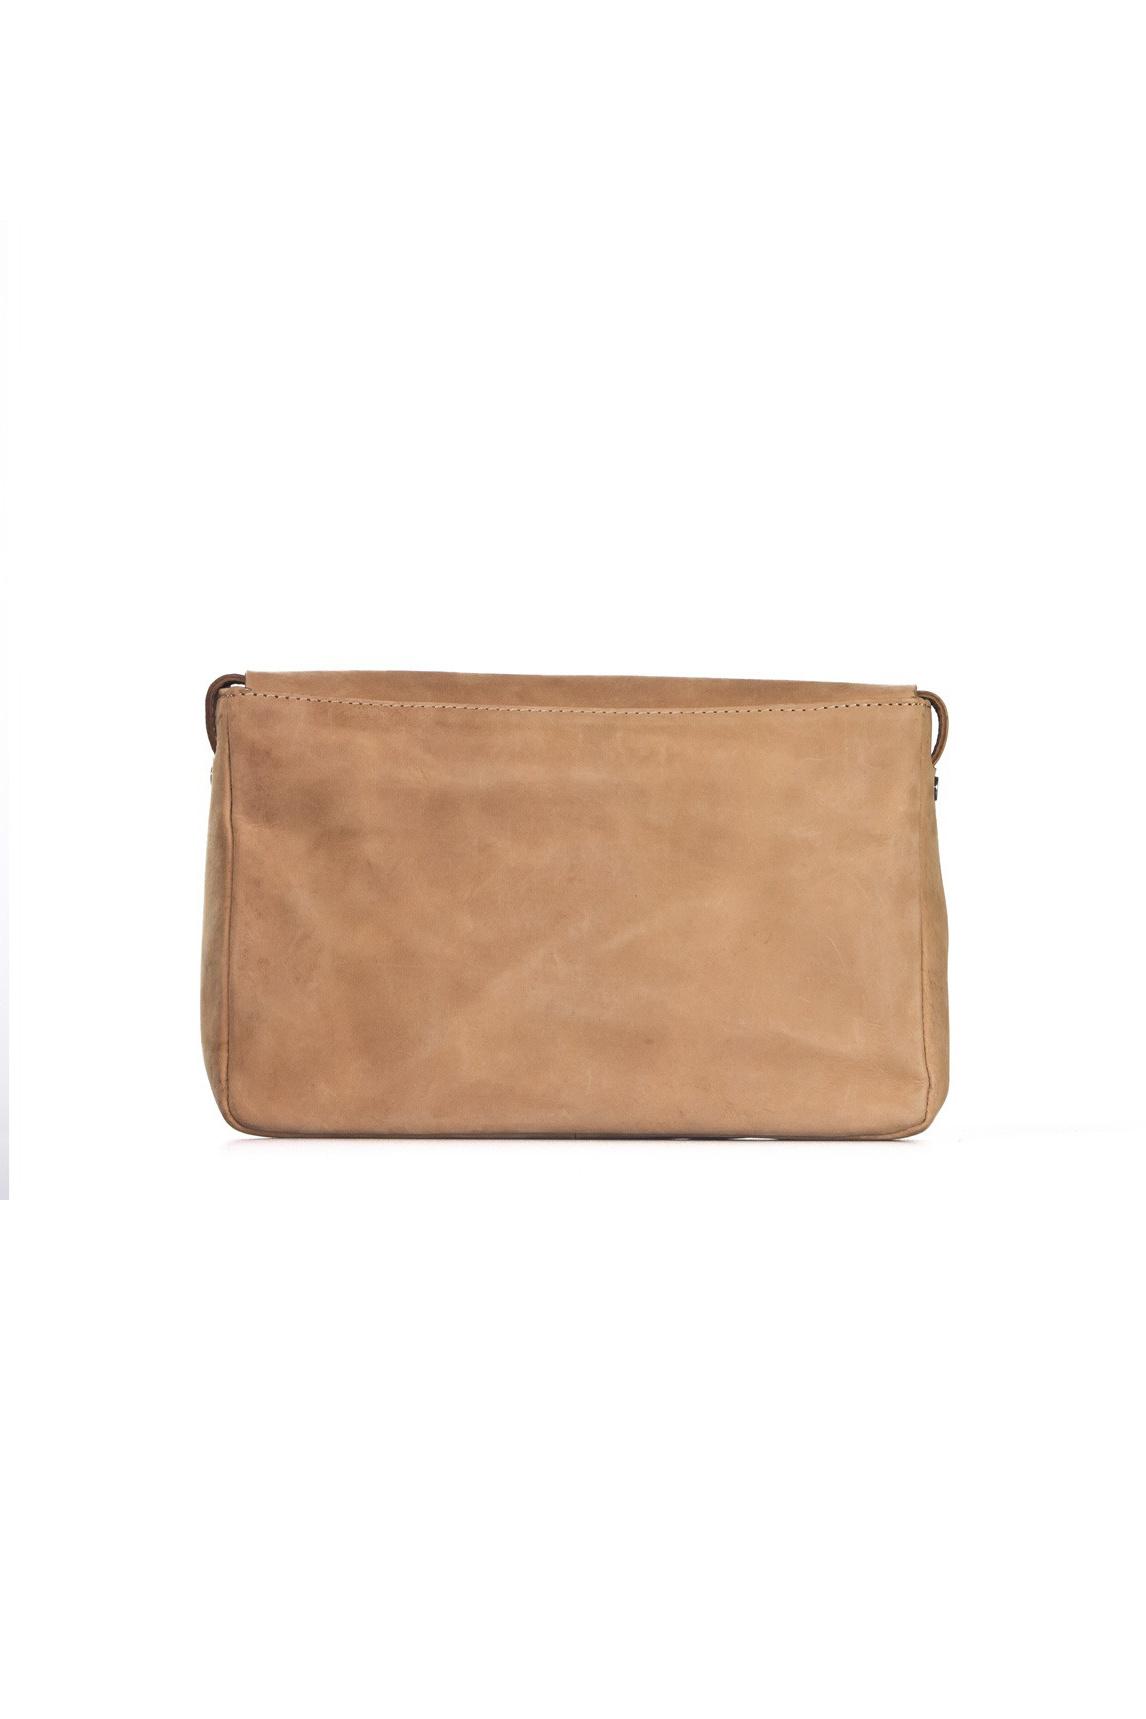 Ally Bag Maxi - Camel-4